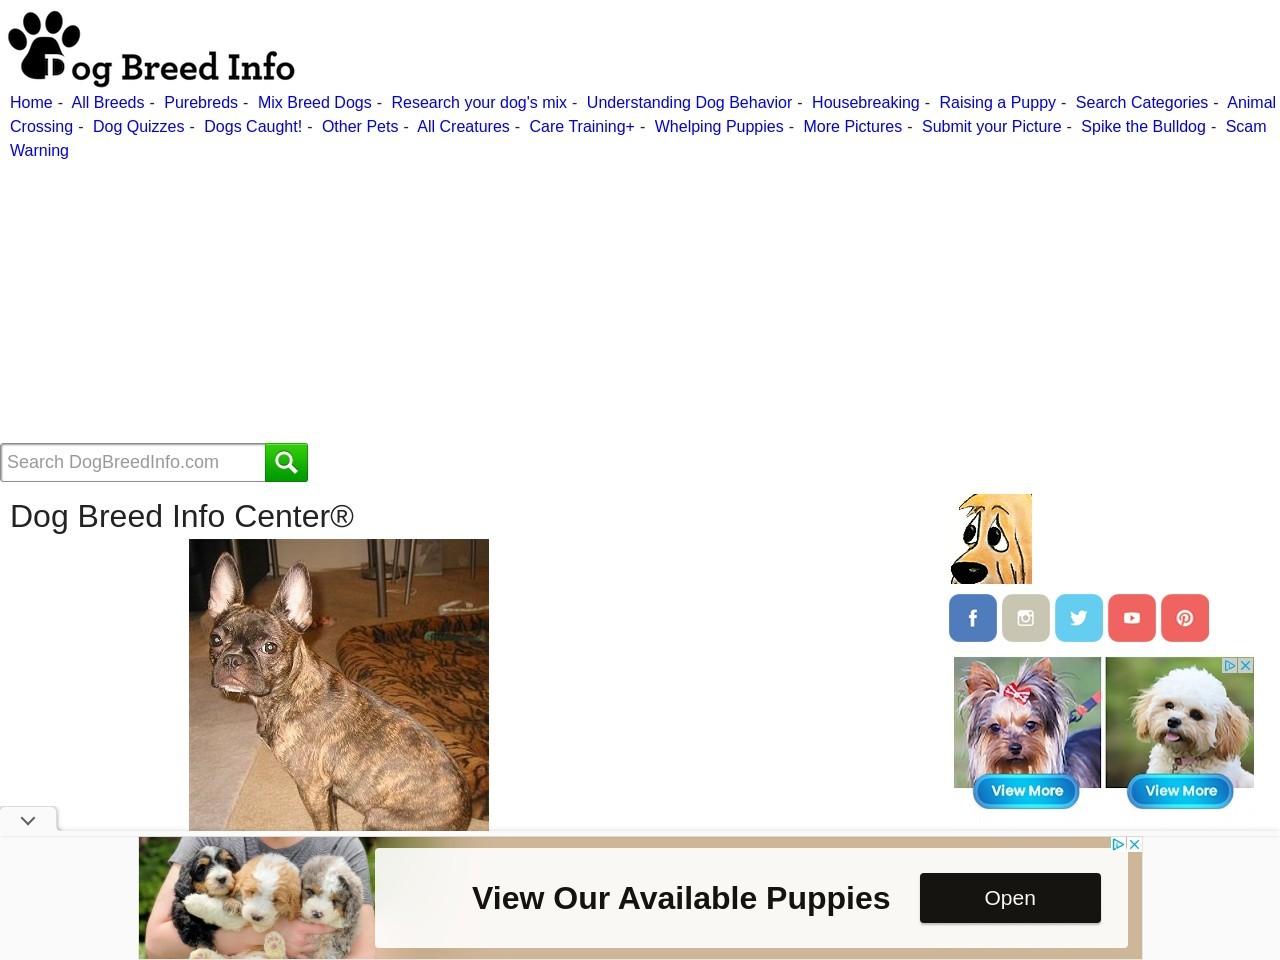 dogbreedinfo.com